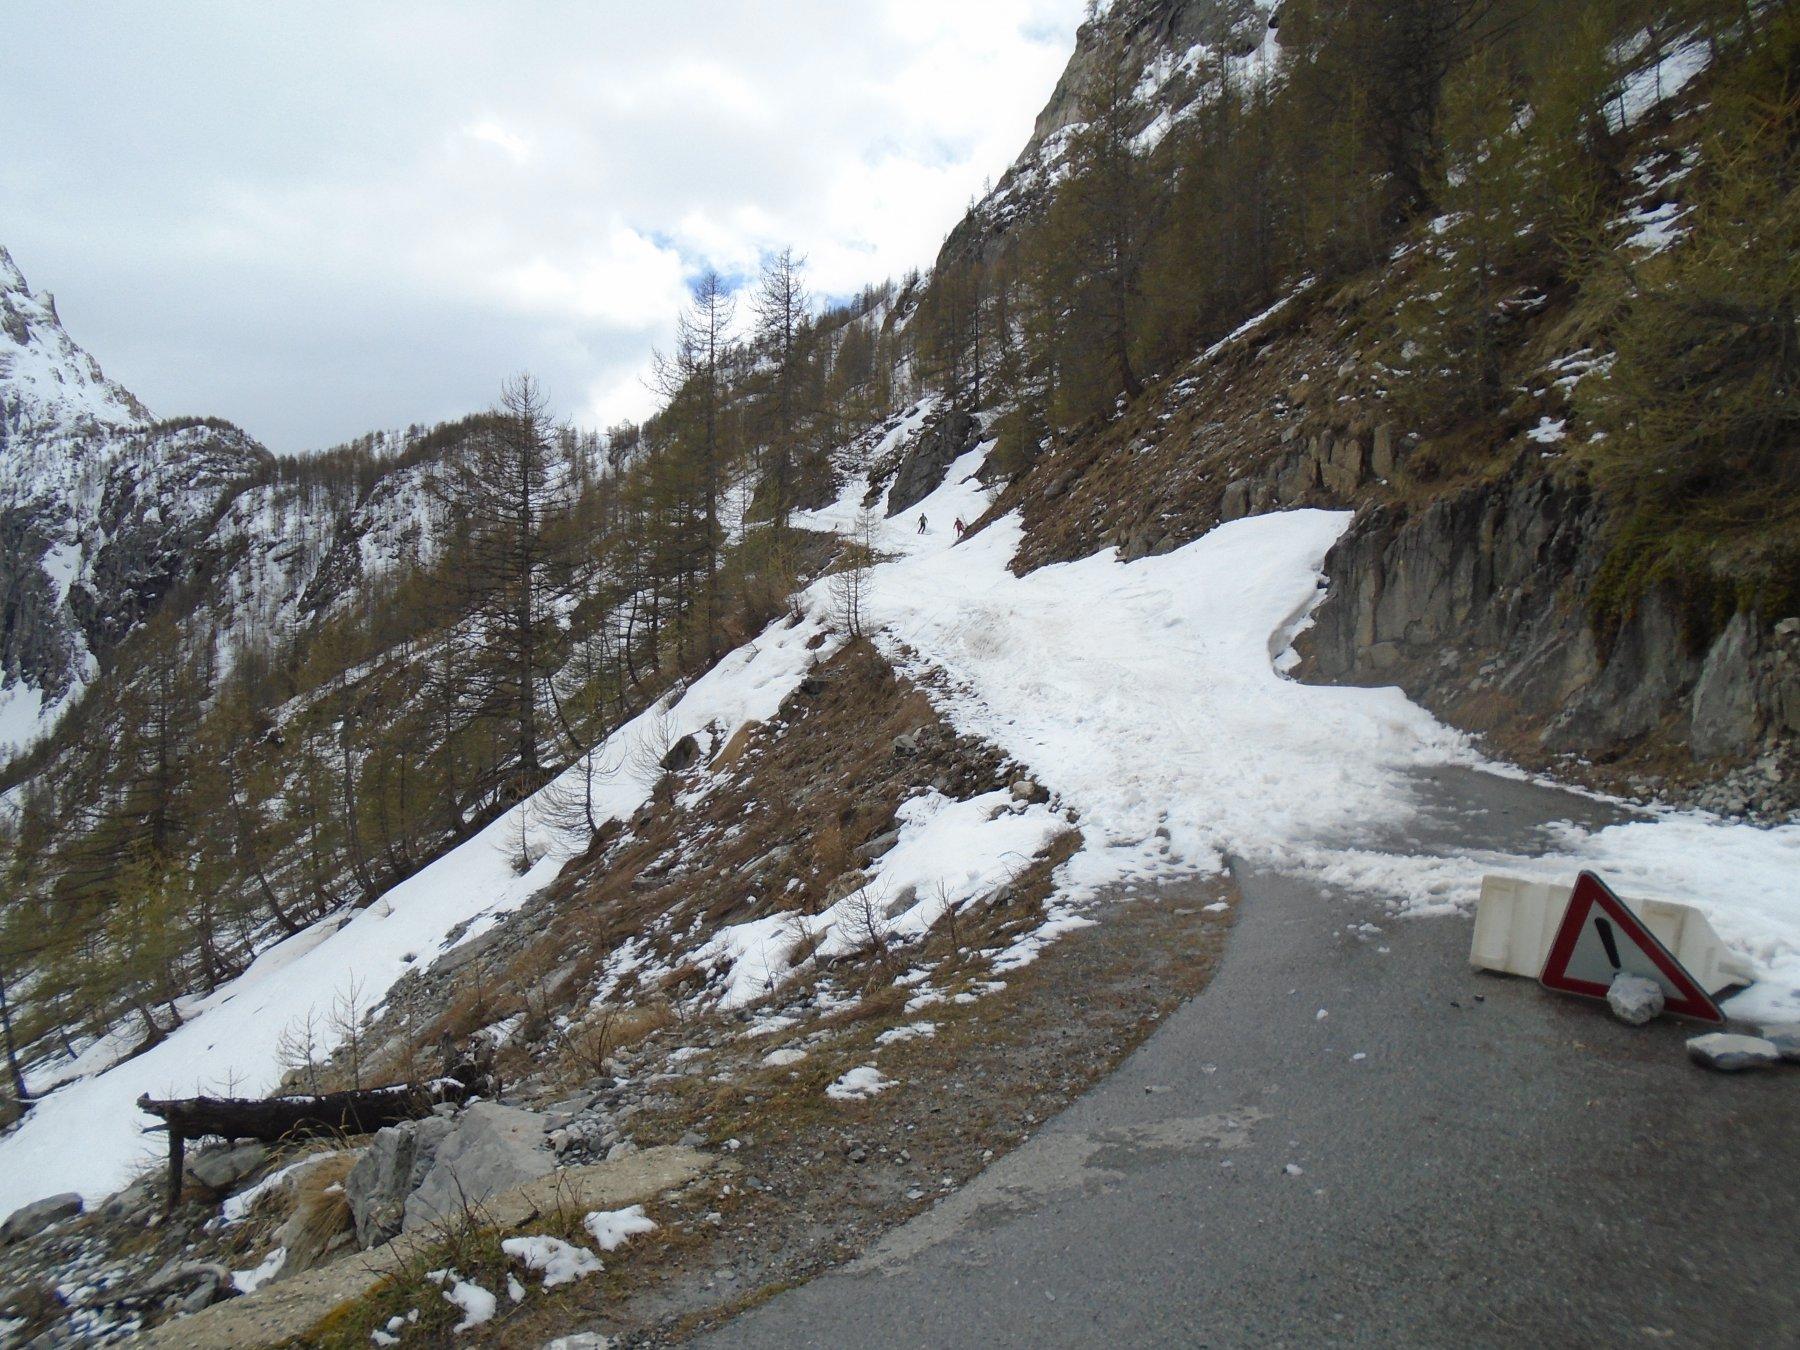 Inizio/fine neve dal tornante a circa 1900m